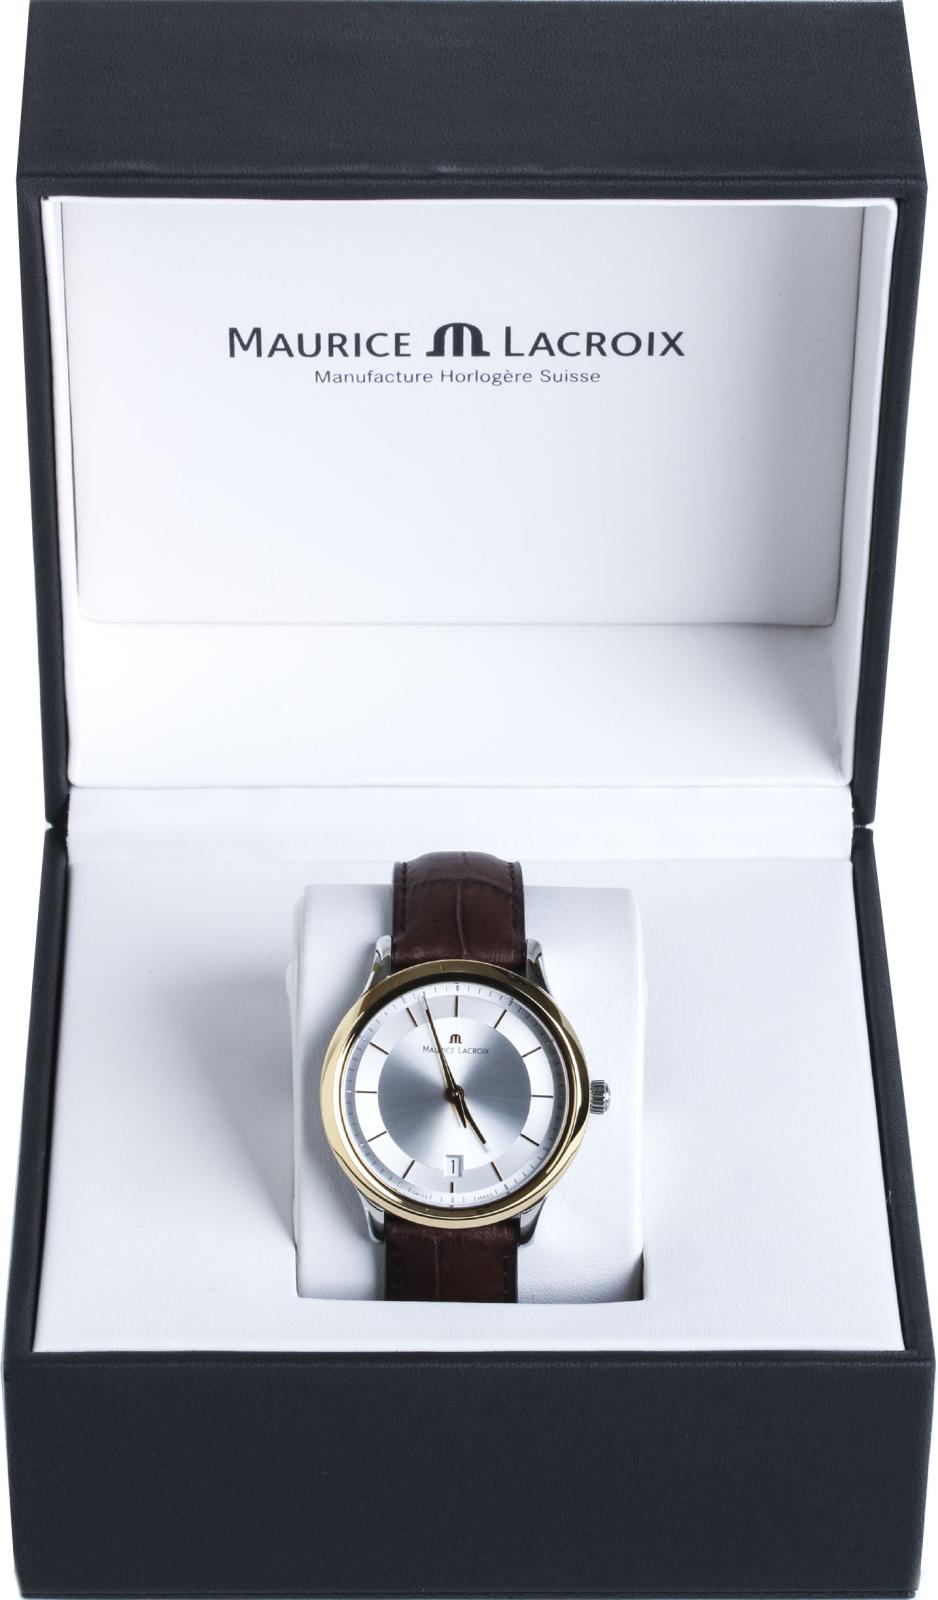 Maurice Lacroiх Les Classiques LC1237-PVY11-130Наручные часы<br>Швейцарские часы Maurice Lacroiх Les Classiques LC1237-PVY11-130Представленная модель входит в коллекцию Les Classiques. Это стильные Мужские часы. Материал корпуса часов &amp;mdash; Сталь+Золото. Ремень &amp;mdash; Кожа. В этой модели стоит Сапфировое стекло. Водозащита этих часов 30 м. Цвет циферблата - Белый. Из основных функций на циферблате представлены: часы, минуты, секунды. В данной модели используются следующие усложнения: дата, . Размер данной модели 38мм.<br><br>Пол: Мужские<br>Страна-производитель: Швейцария<br>Механизм: Кварцевый<br>Материал корпуса: Сталь+Золото<br>Материал ремня/браслета: Кожа<br>Водозащита, диапазон: 20 - 100 м<br>Стекло: Сапфировое<br>Толщина корпуса: None<br>Стиль: Классика